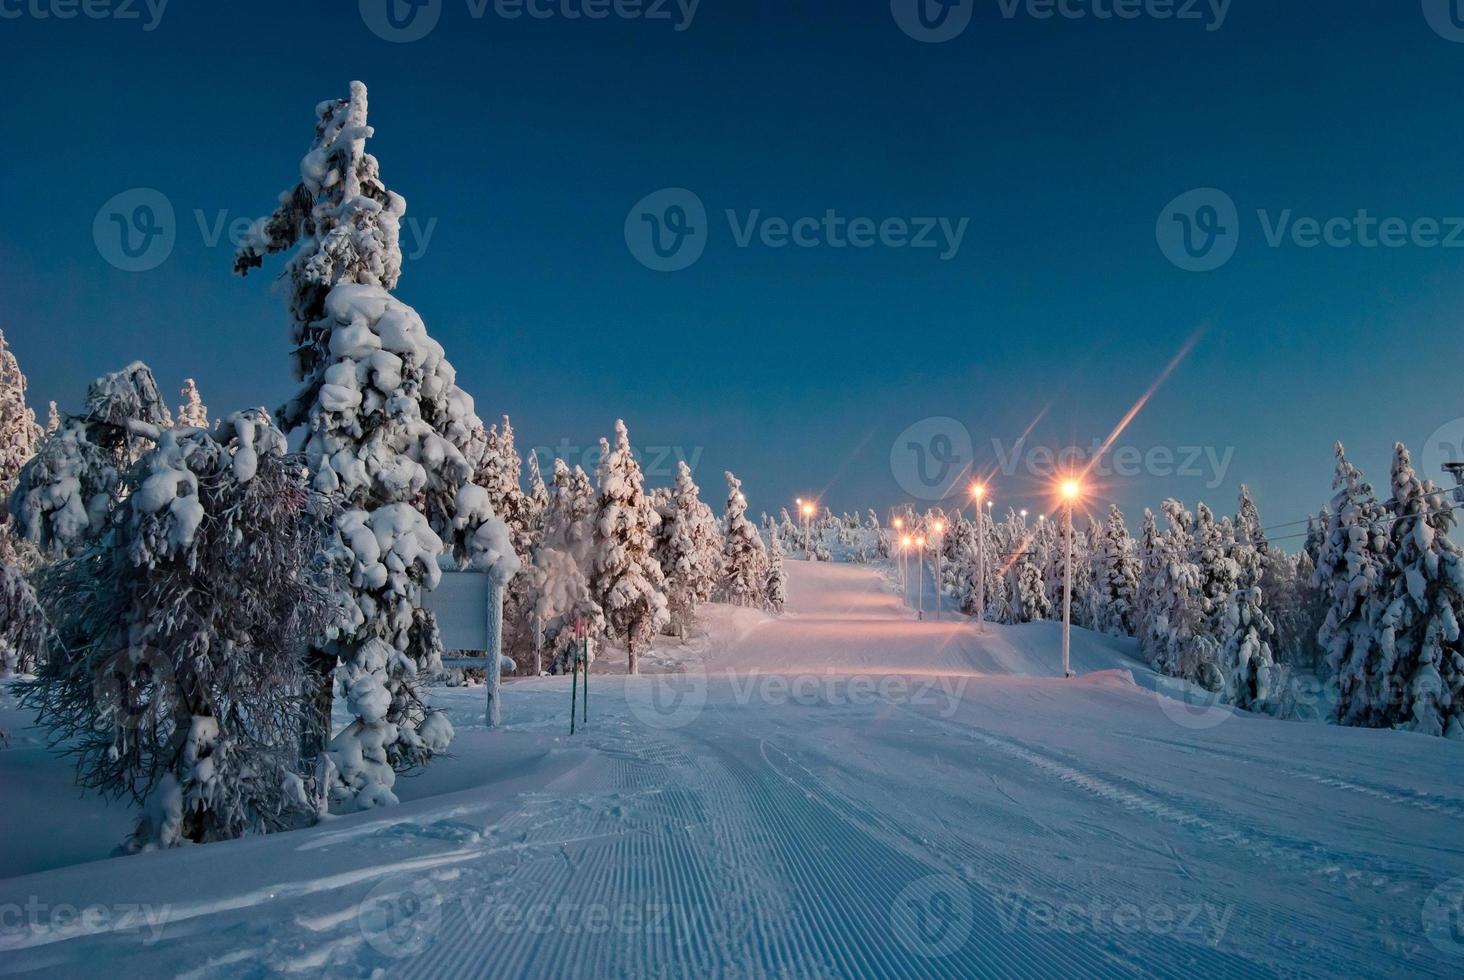 upplyst väg i skogen foto